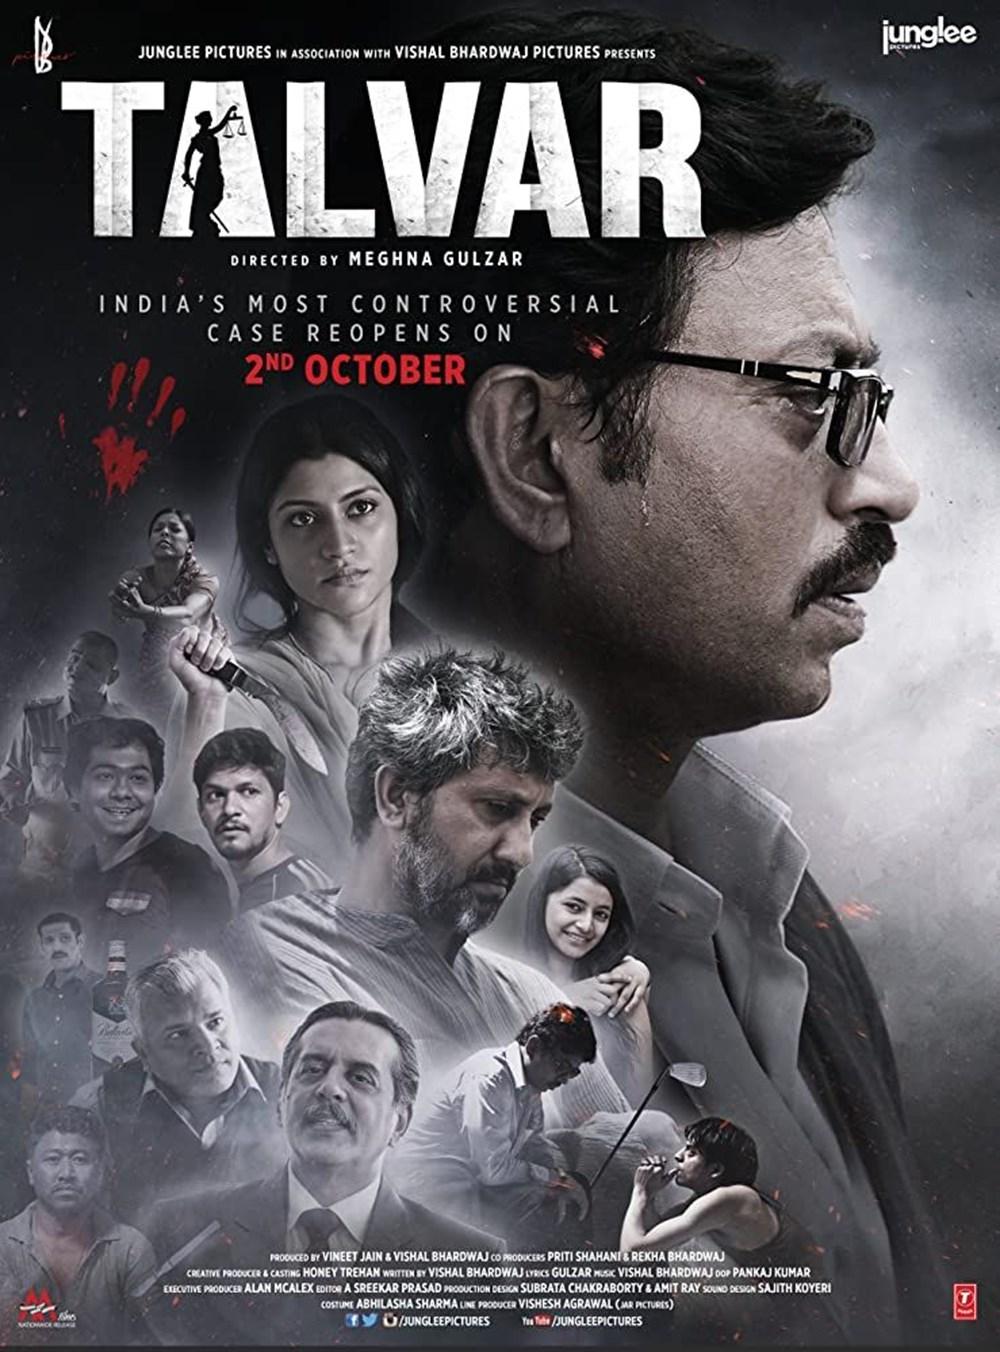 En iyi Hint filmleri - IMDb verileri (Bollywood sineması) - 4